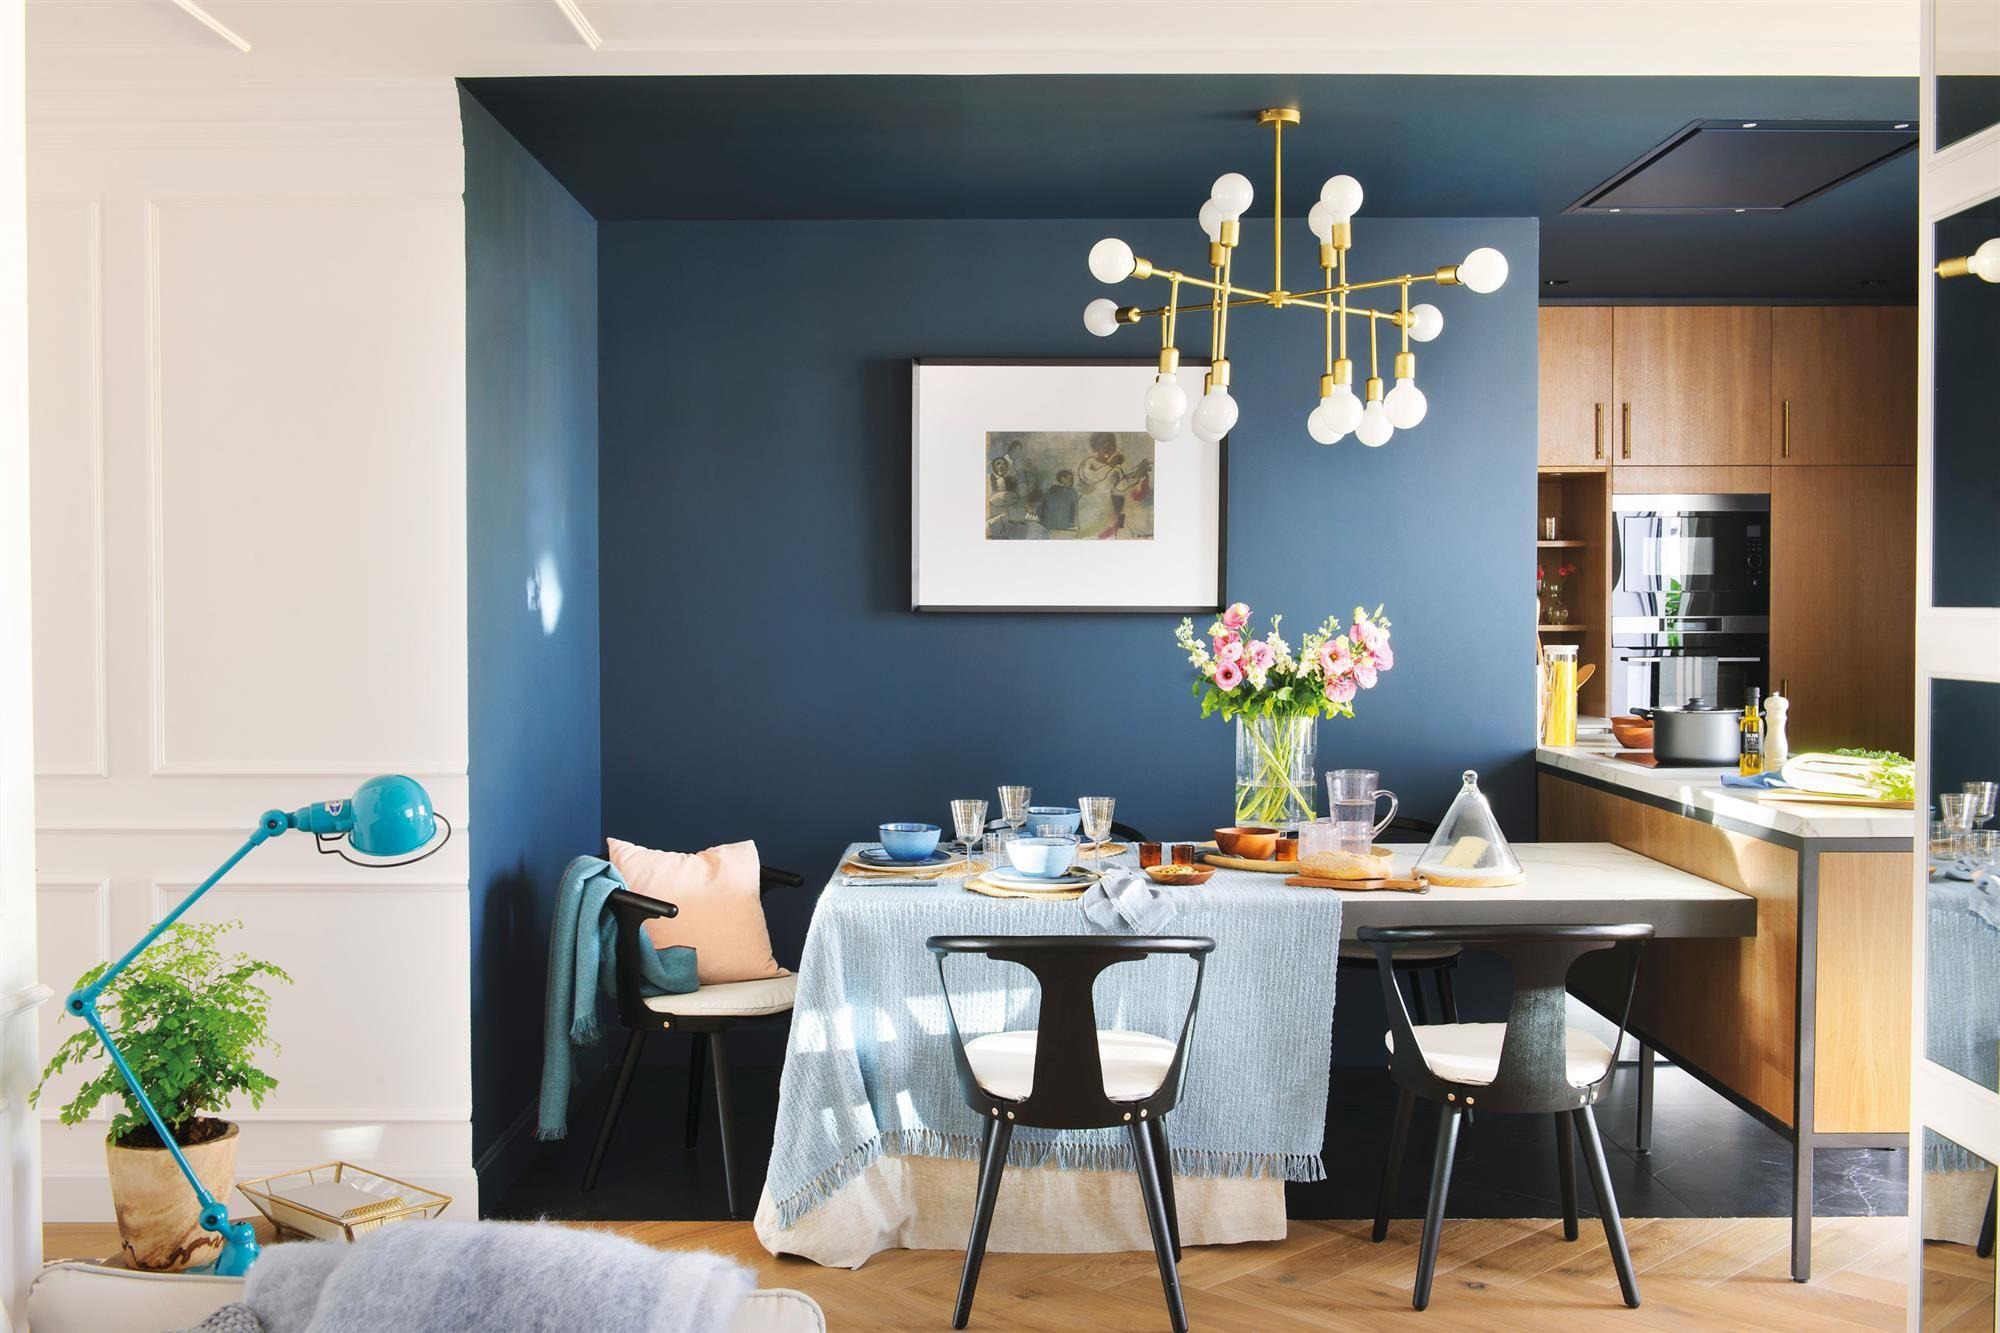 Cocina Con Muebles De Madera Y Paredes Azules Con Mujer Abriendo Horno 00470672b Decoracion De Unas Color De Sala De Estar Decoracion De Interiores